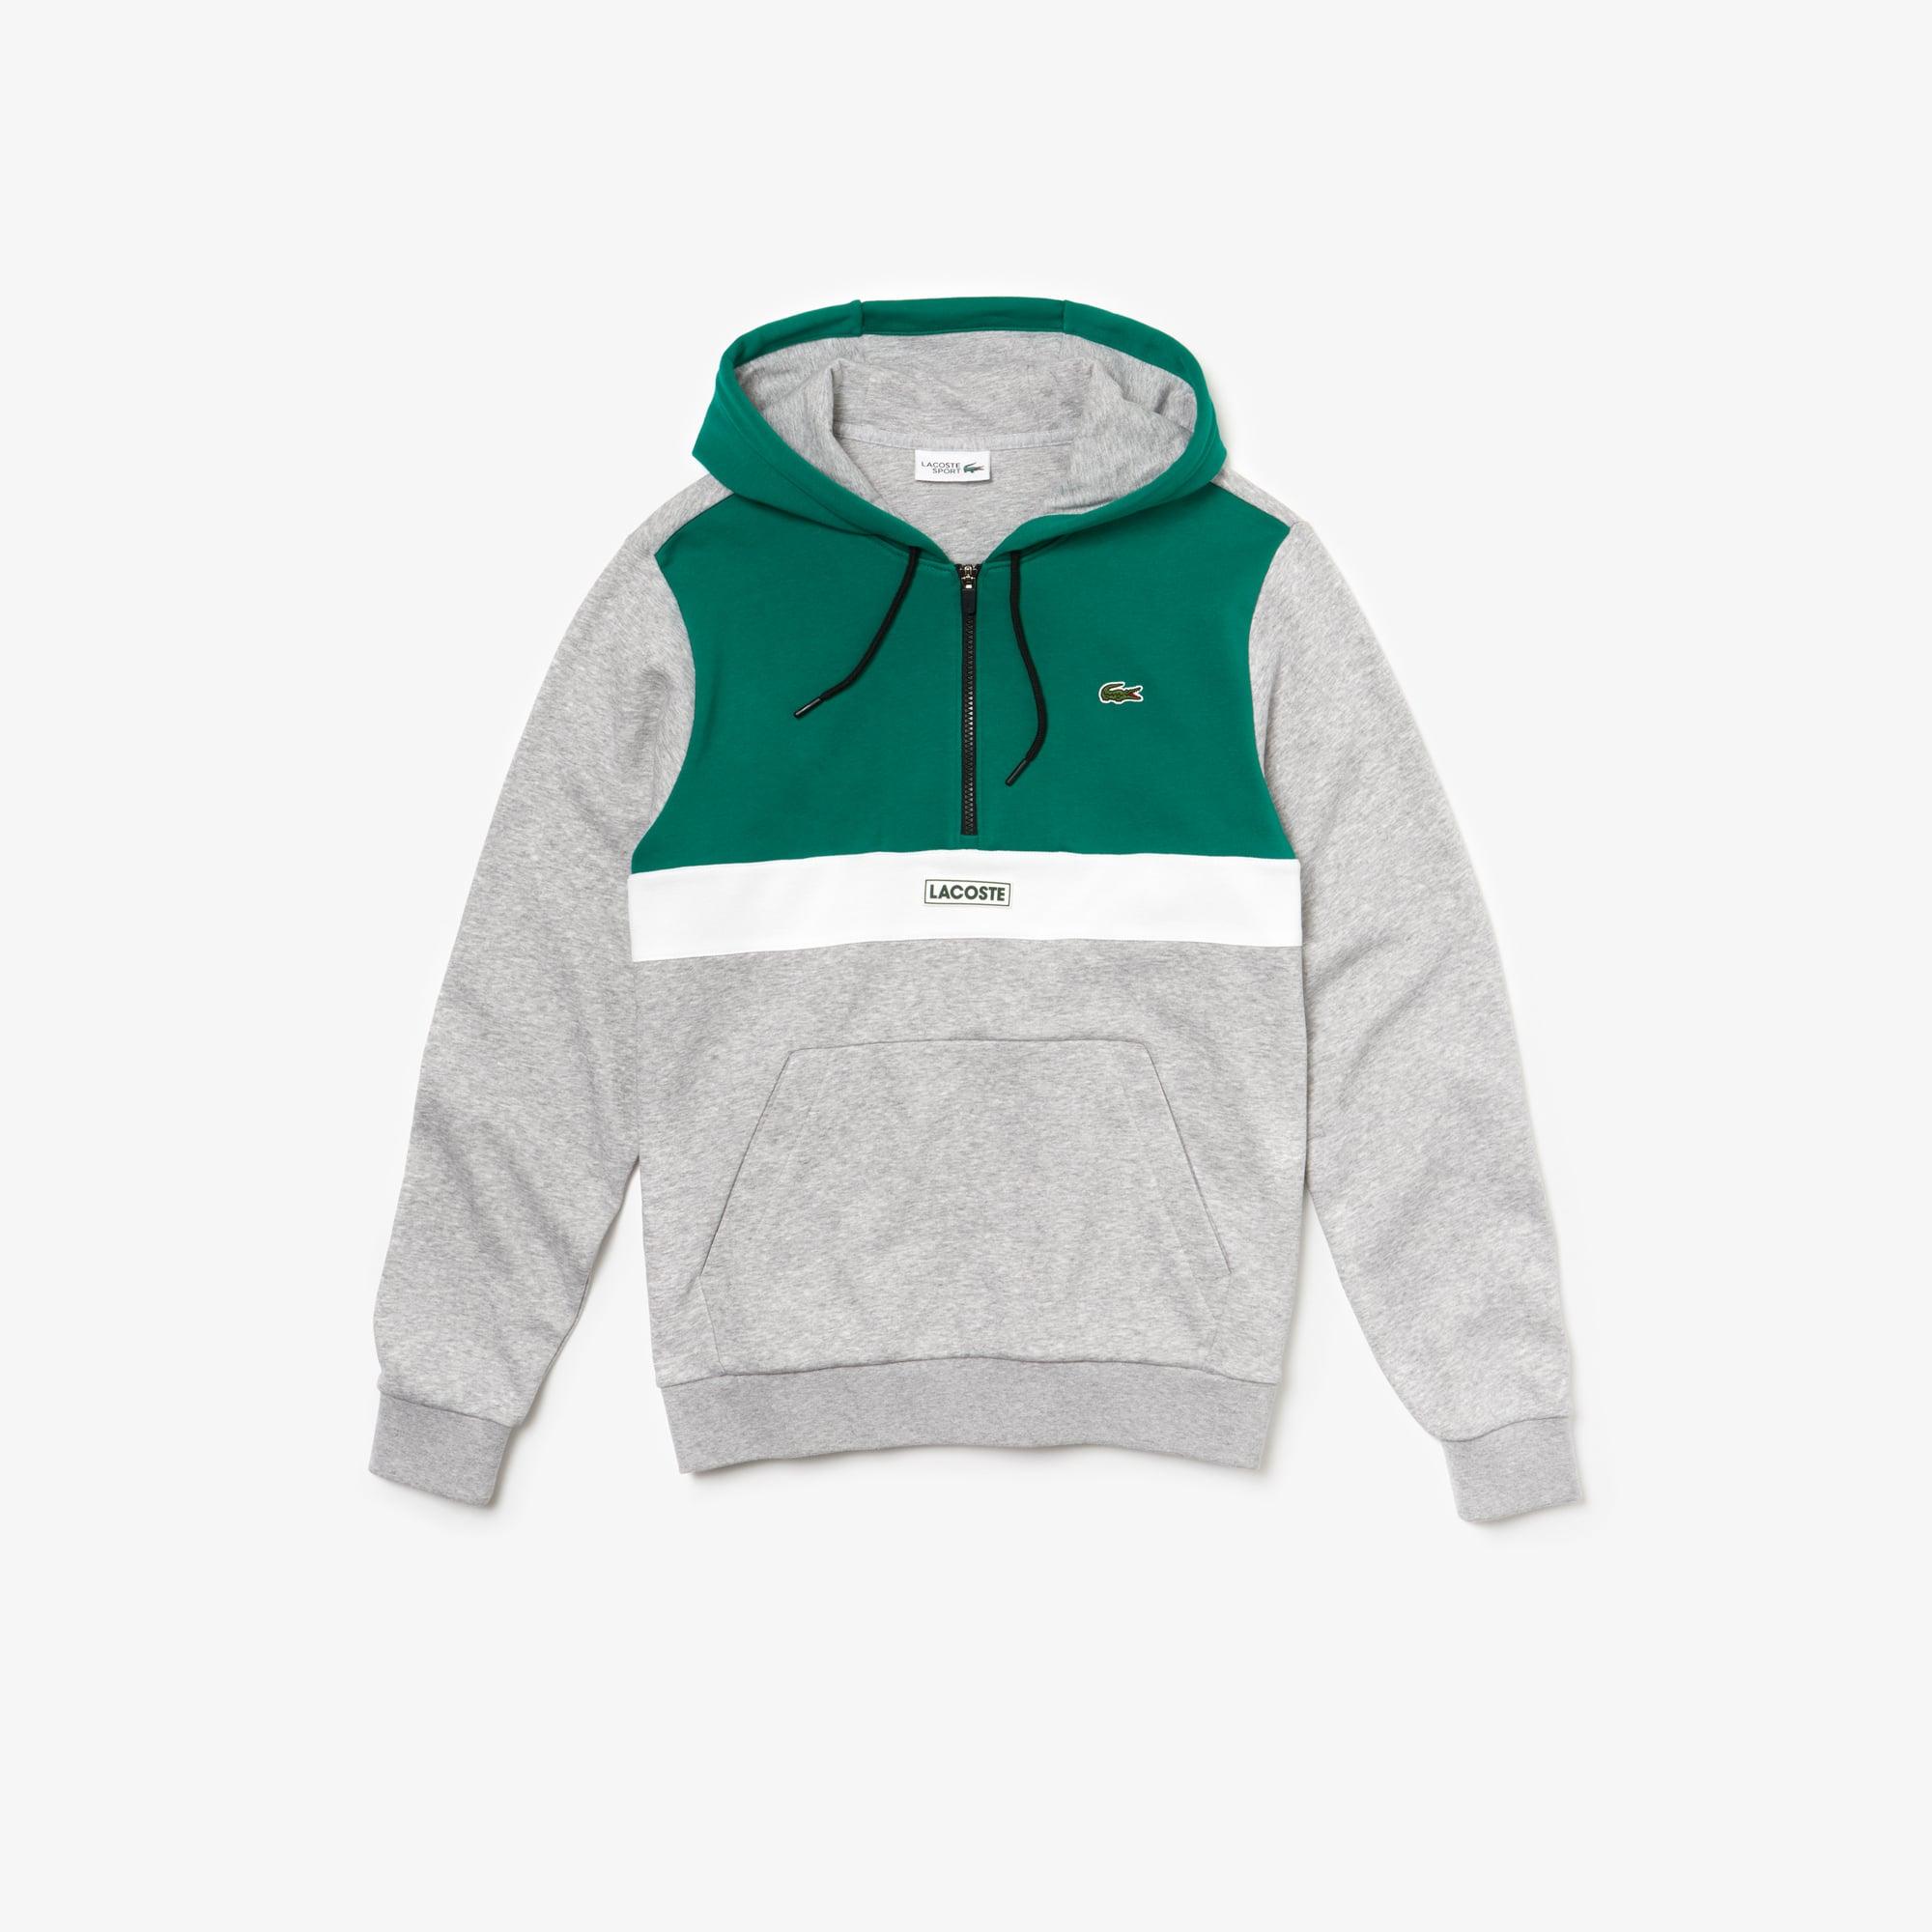 bb309a2028f Men's SPORT Hooded Fleece Sweatshirt | LACOSTE